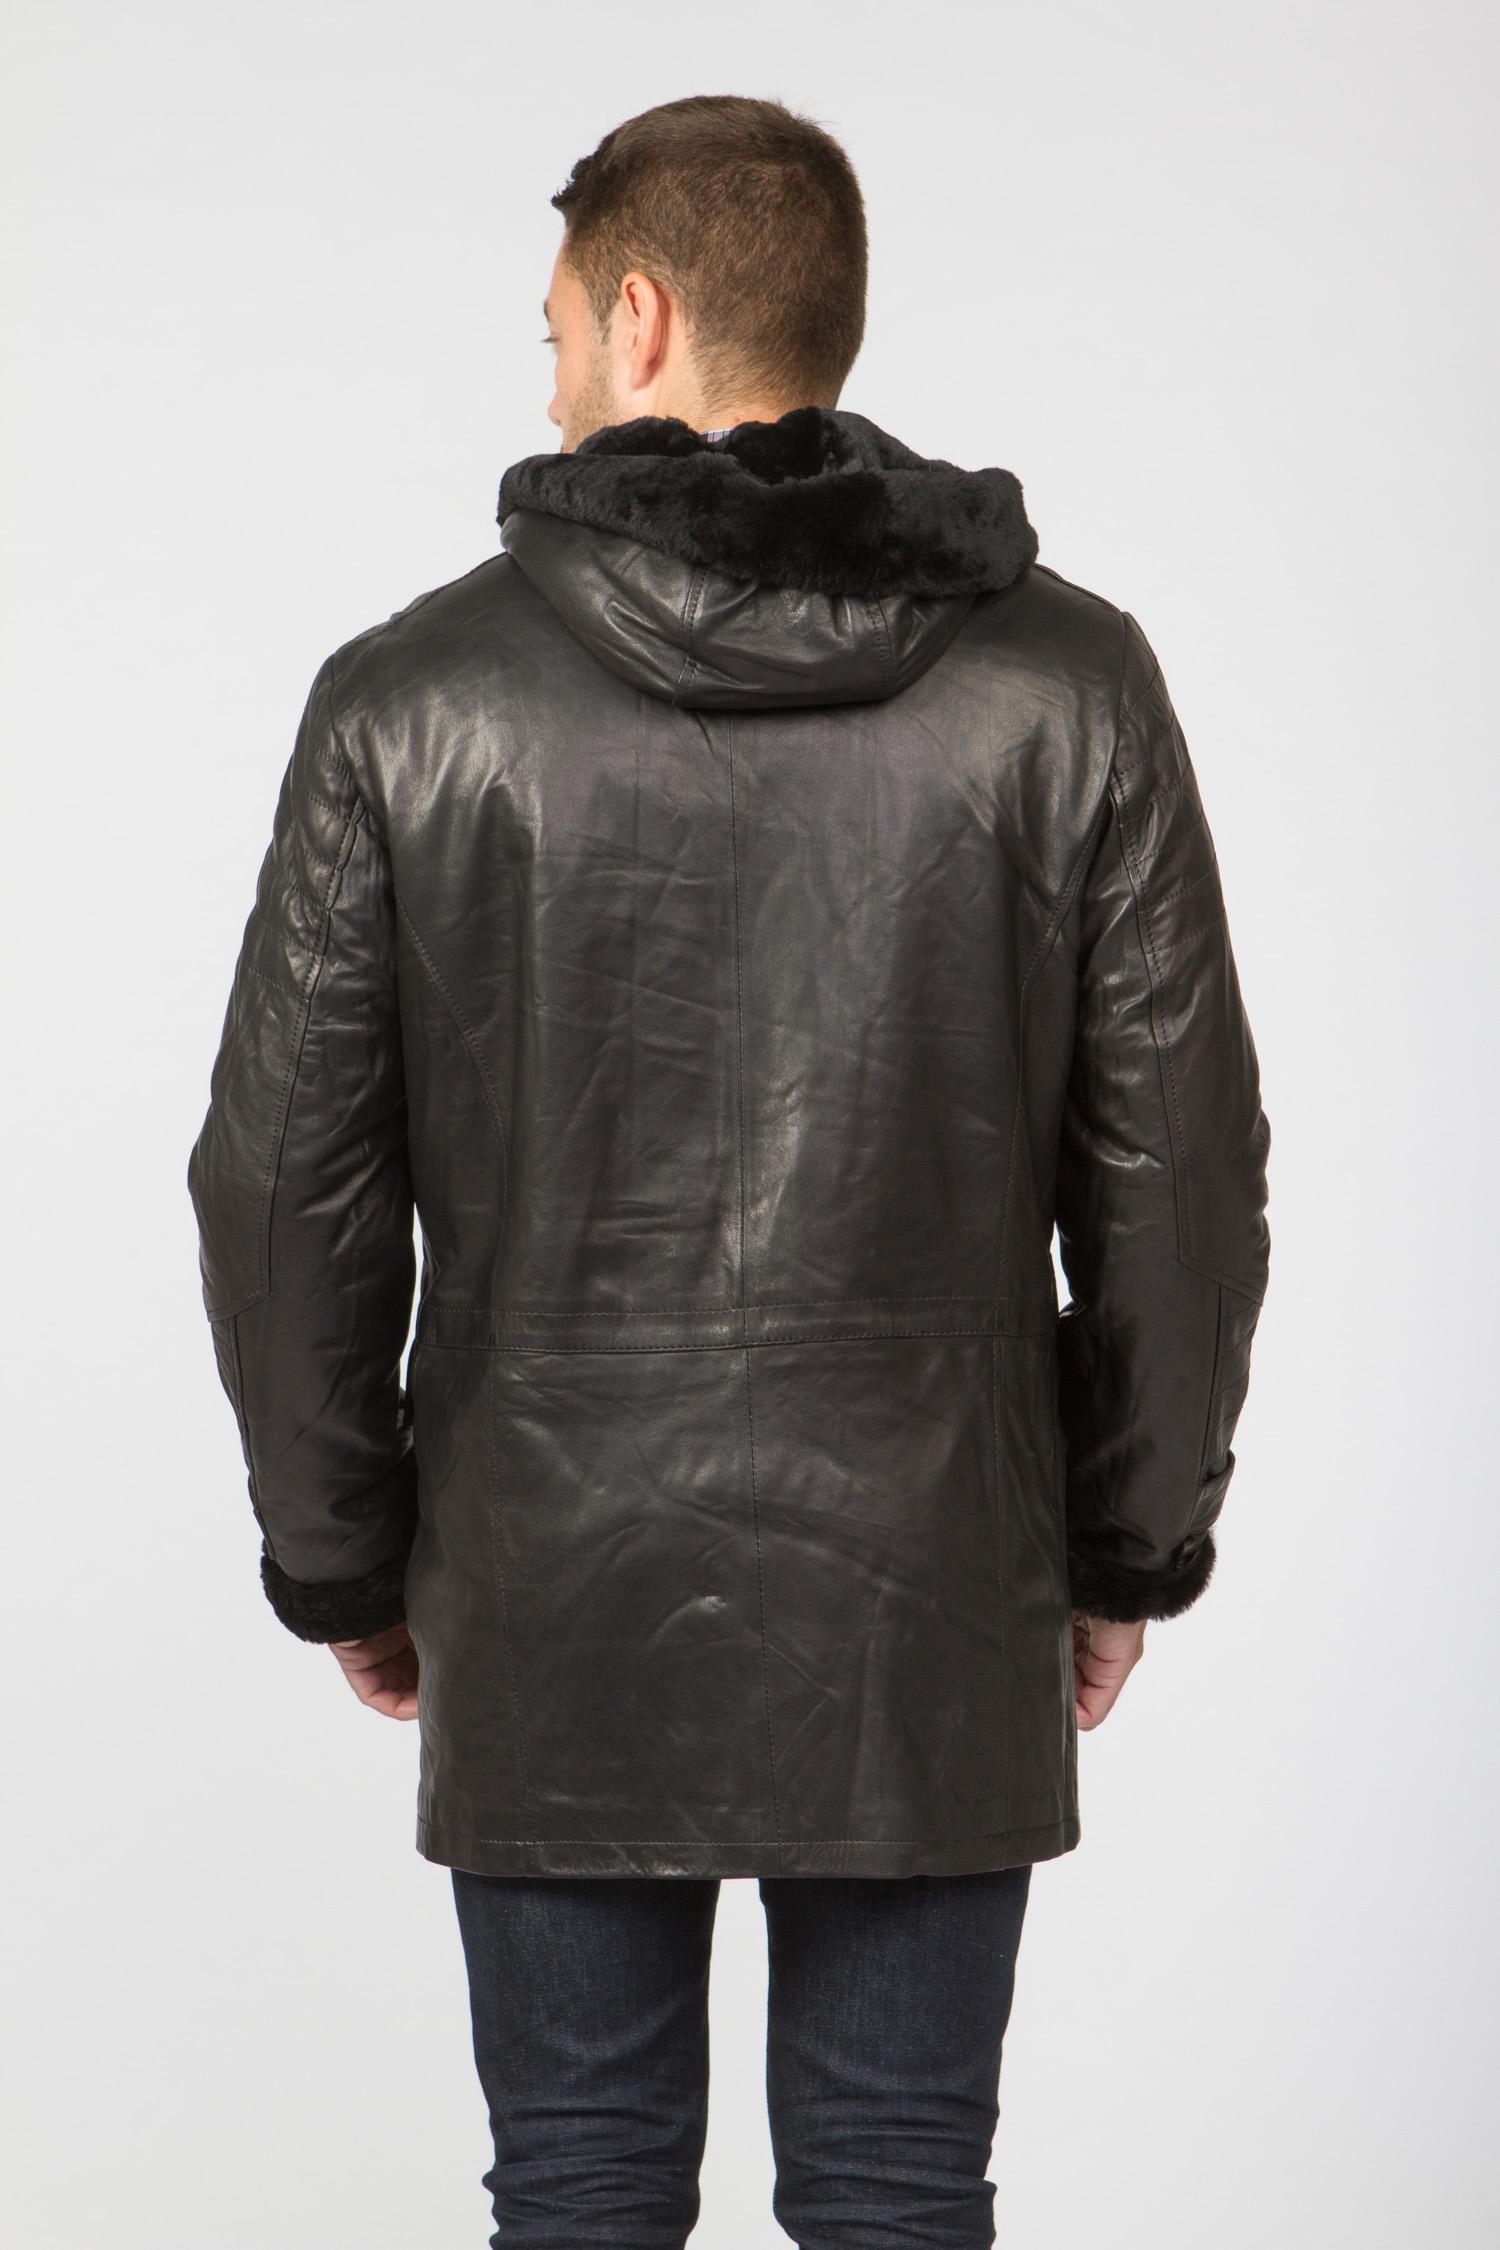 Мужская кожаная куртка из натуральной овчины на меху с капюшоном, без отделки от Московская Меховая Компания